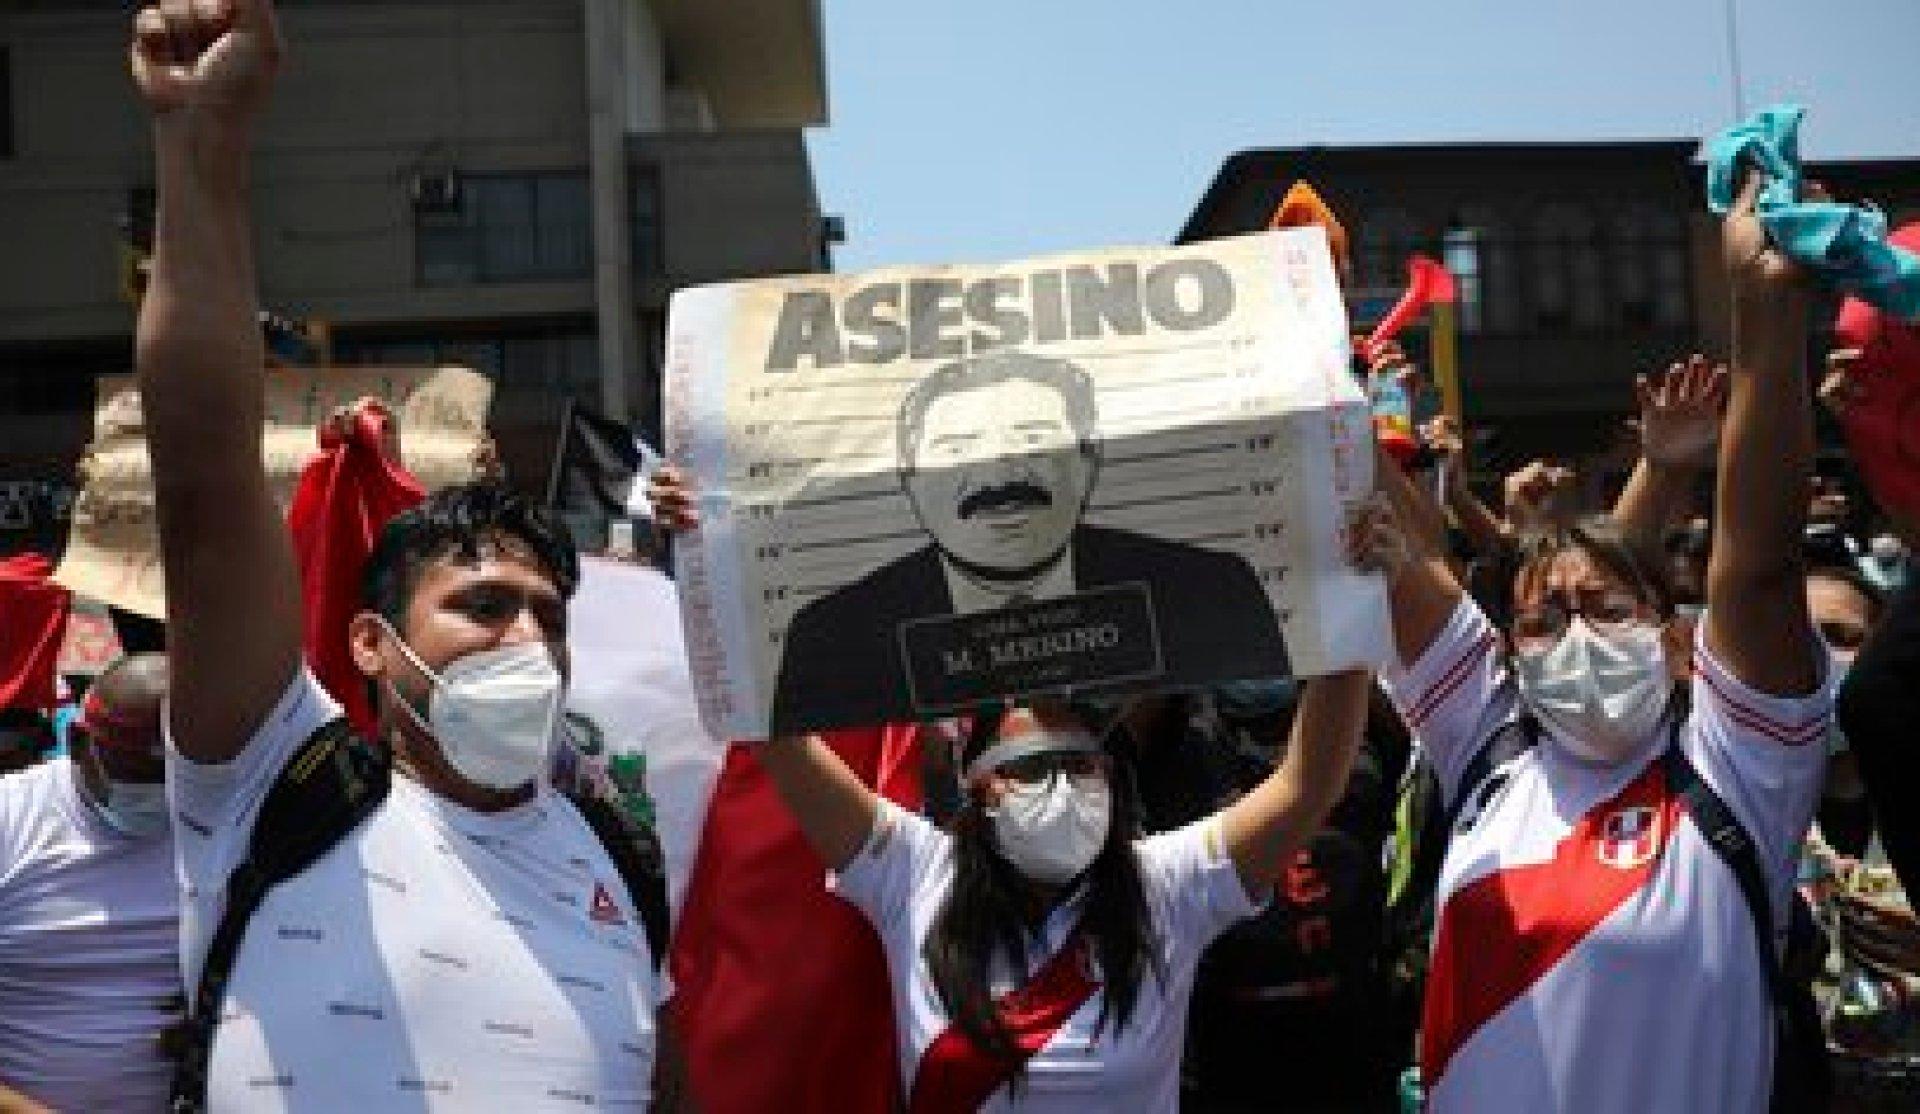 """Manifestantes pidiendo la renuncia del presidente interino, Manuel Merino, con un cartel que dice """"Asesino"""", poco antes de que Merino anunciara su renuncia en Lima, Perú, el domingo 15 de noviembre de 2020. (AP Foto/Rodrigo Abd)"""